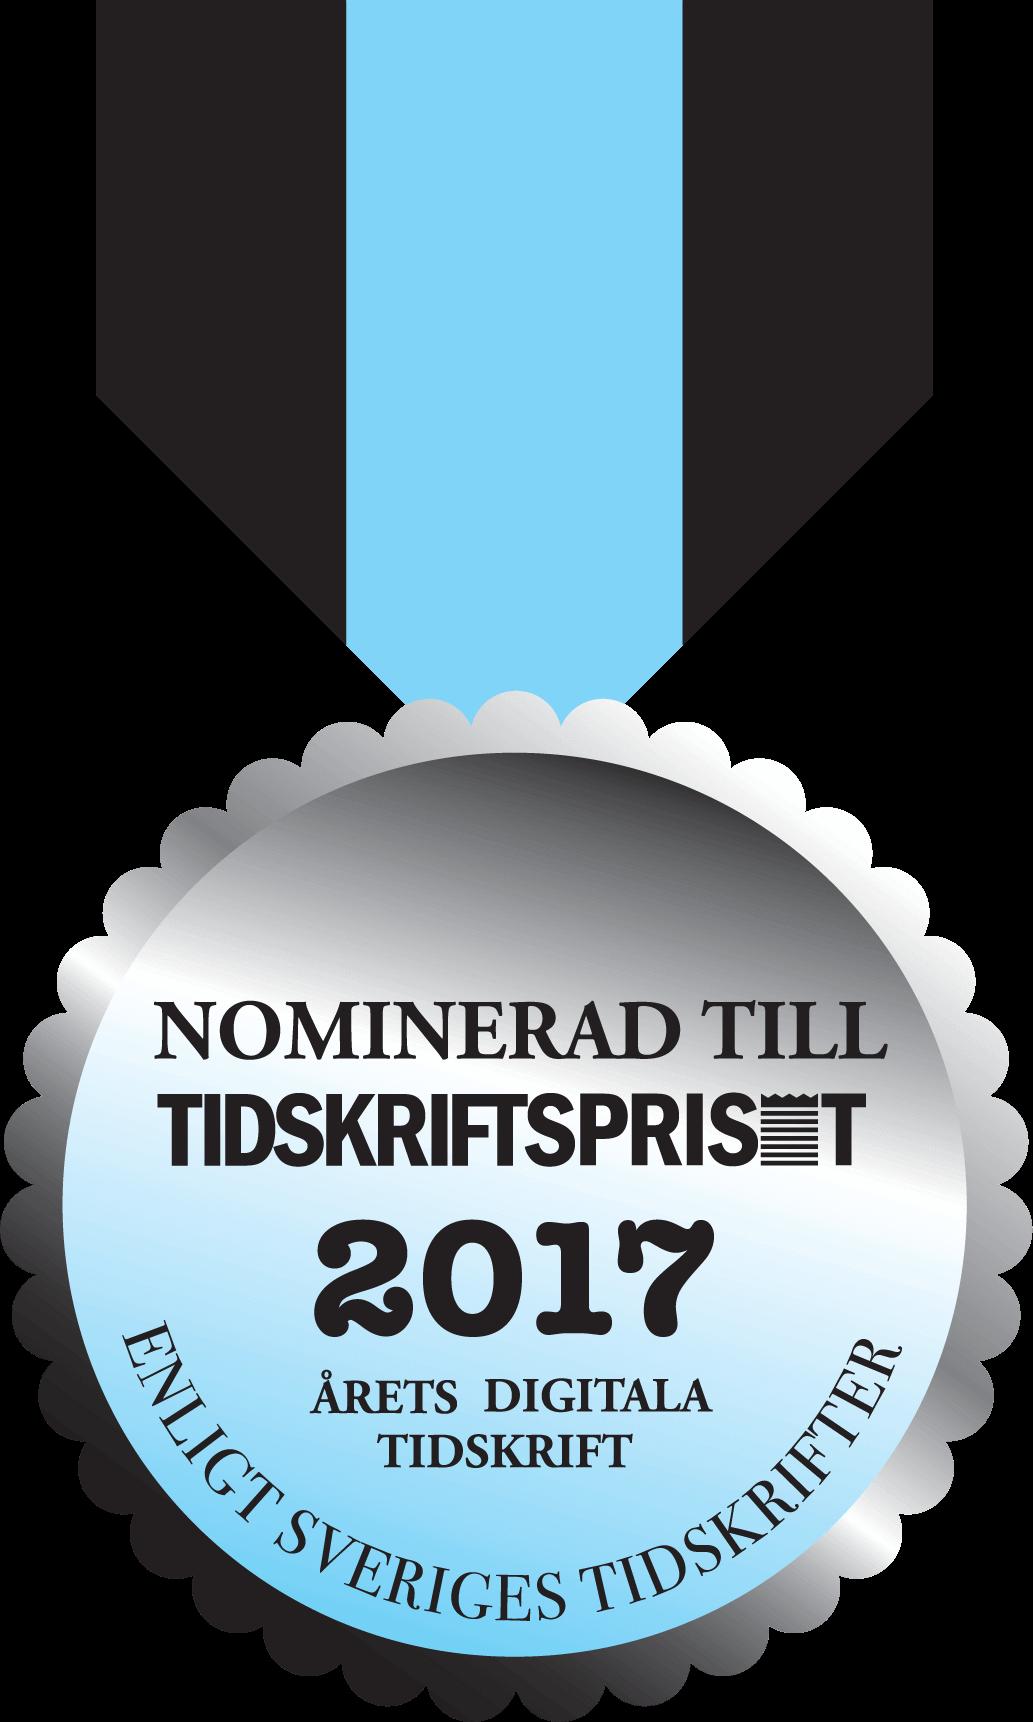 tidsskriftsprisnom_arets_digitala_tidsskrift